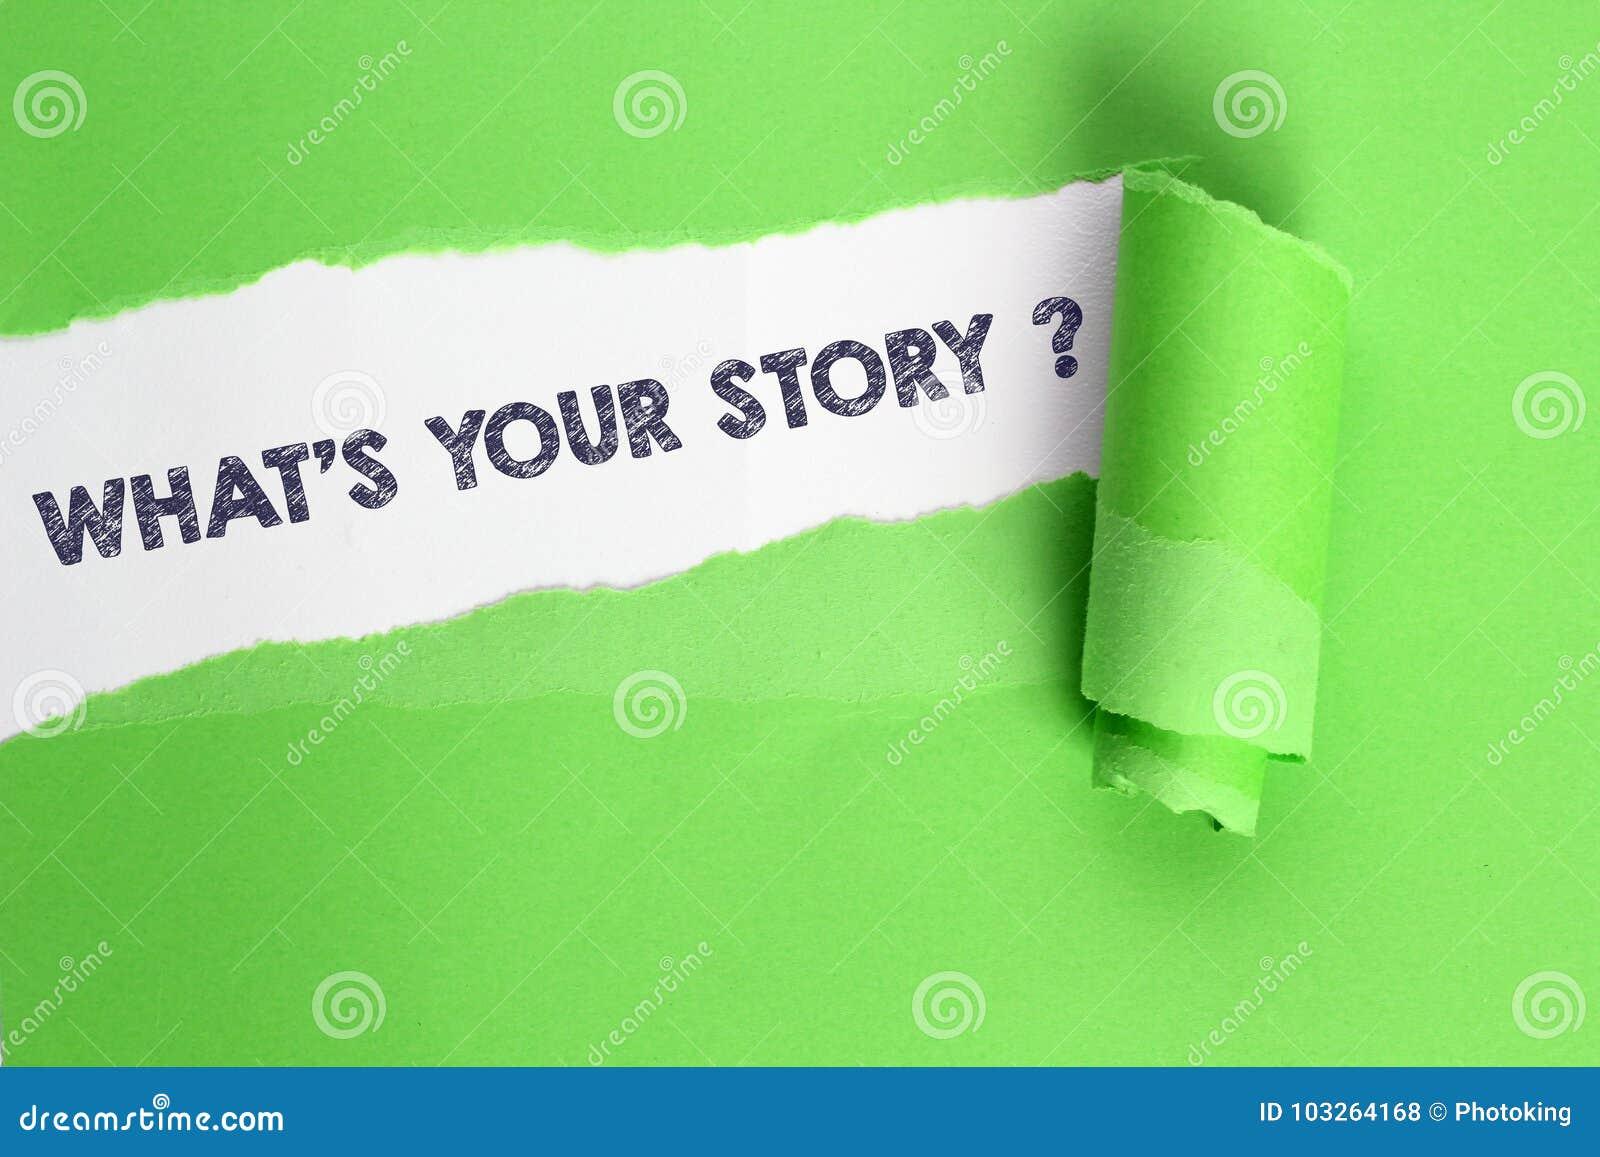 La su historia de WhatÂ